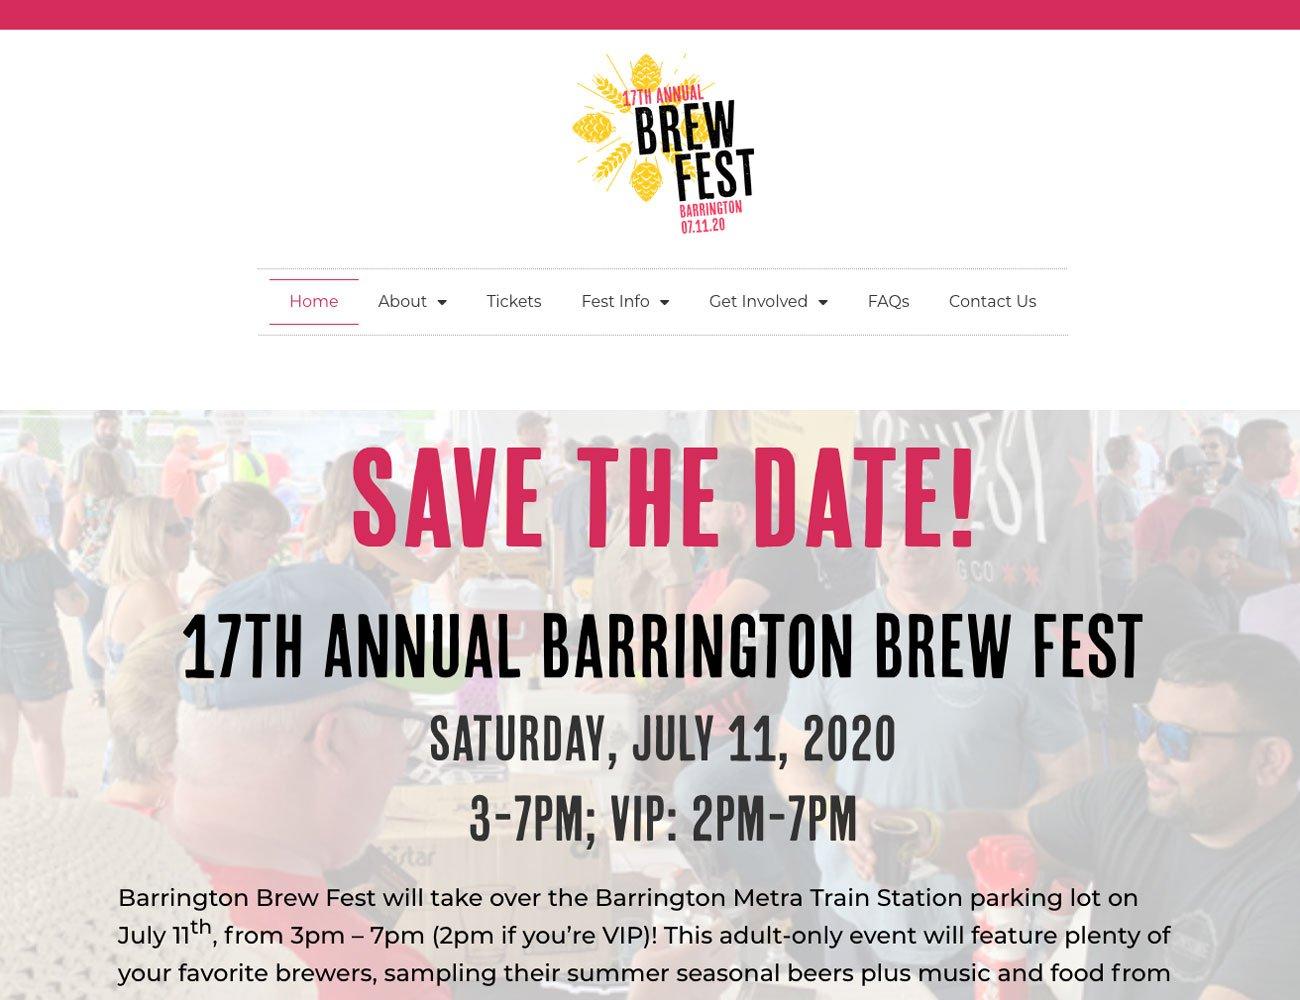 Barrington-Brew-Fest